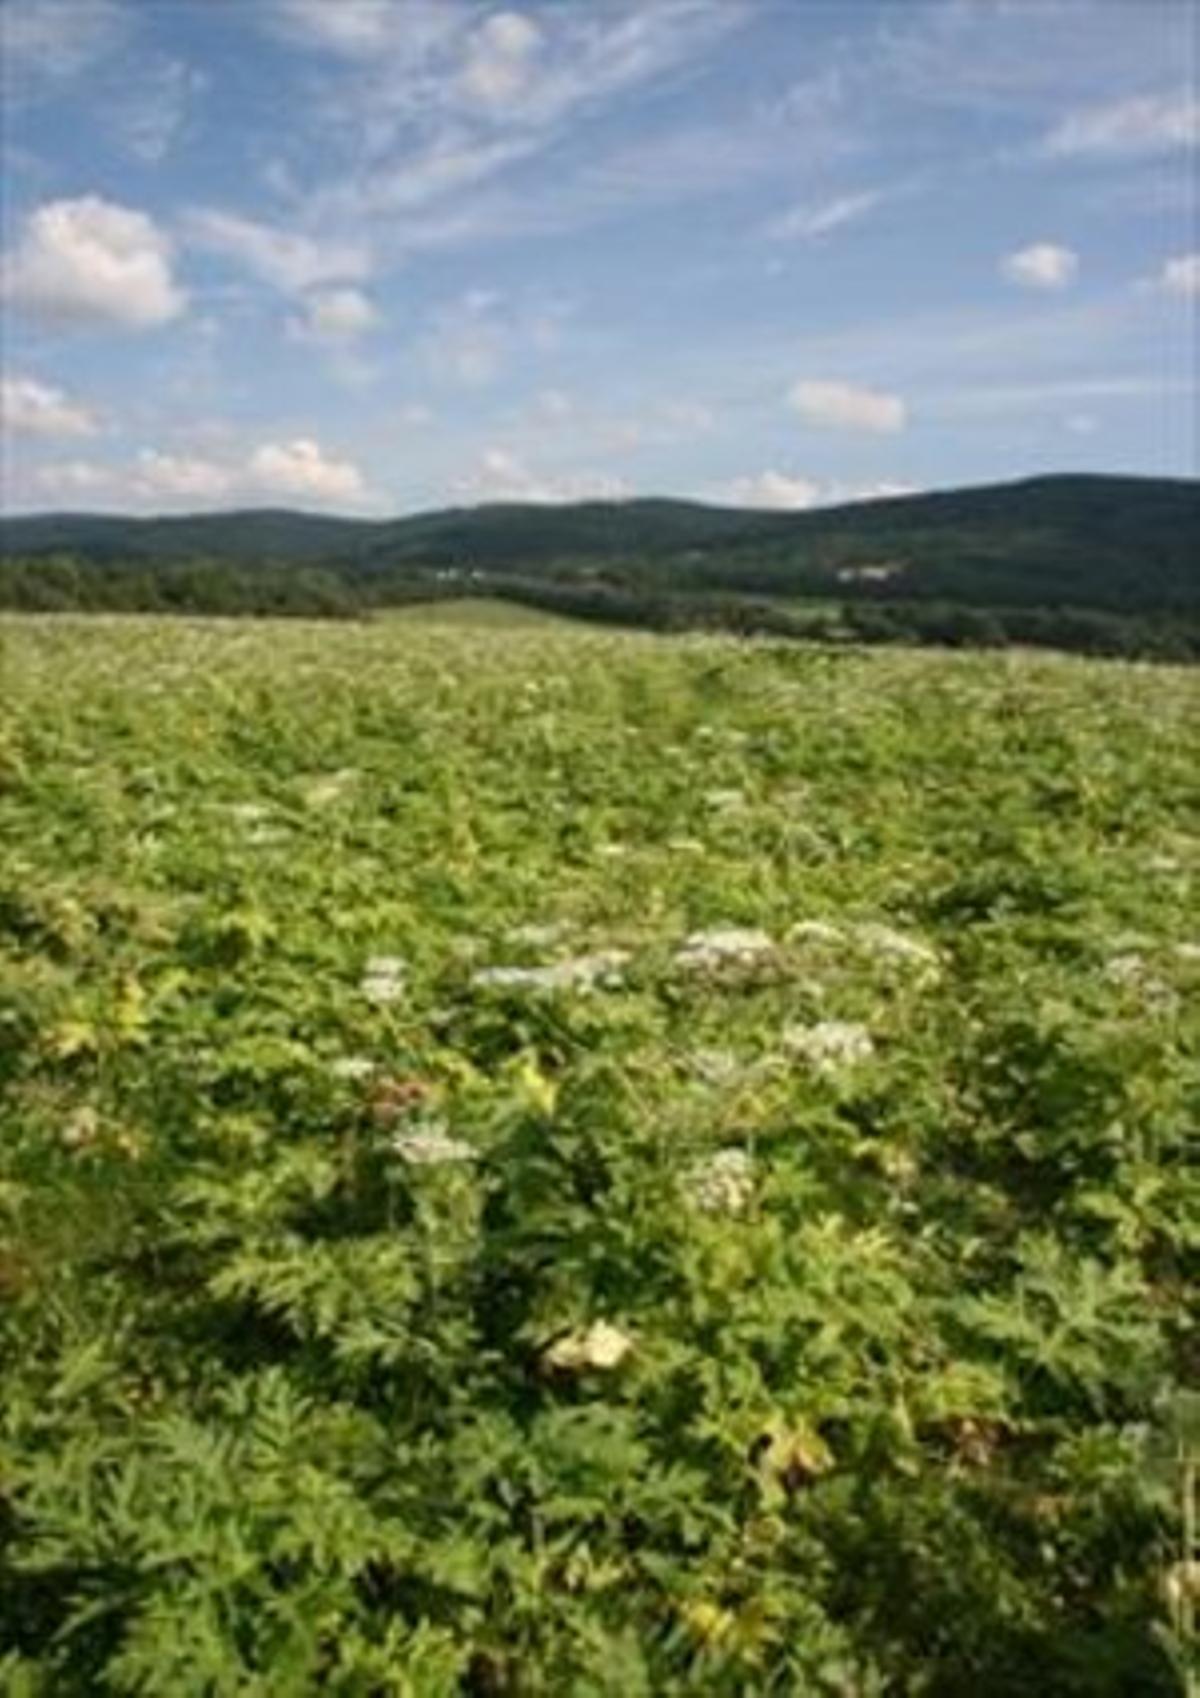 Campo de la República Checa cubierto de perejil gigante, una planta originaria del Cáucaso que ahora crece como invasora en buena parte de Europa central.